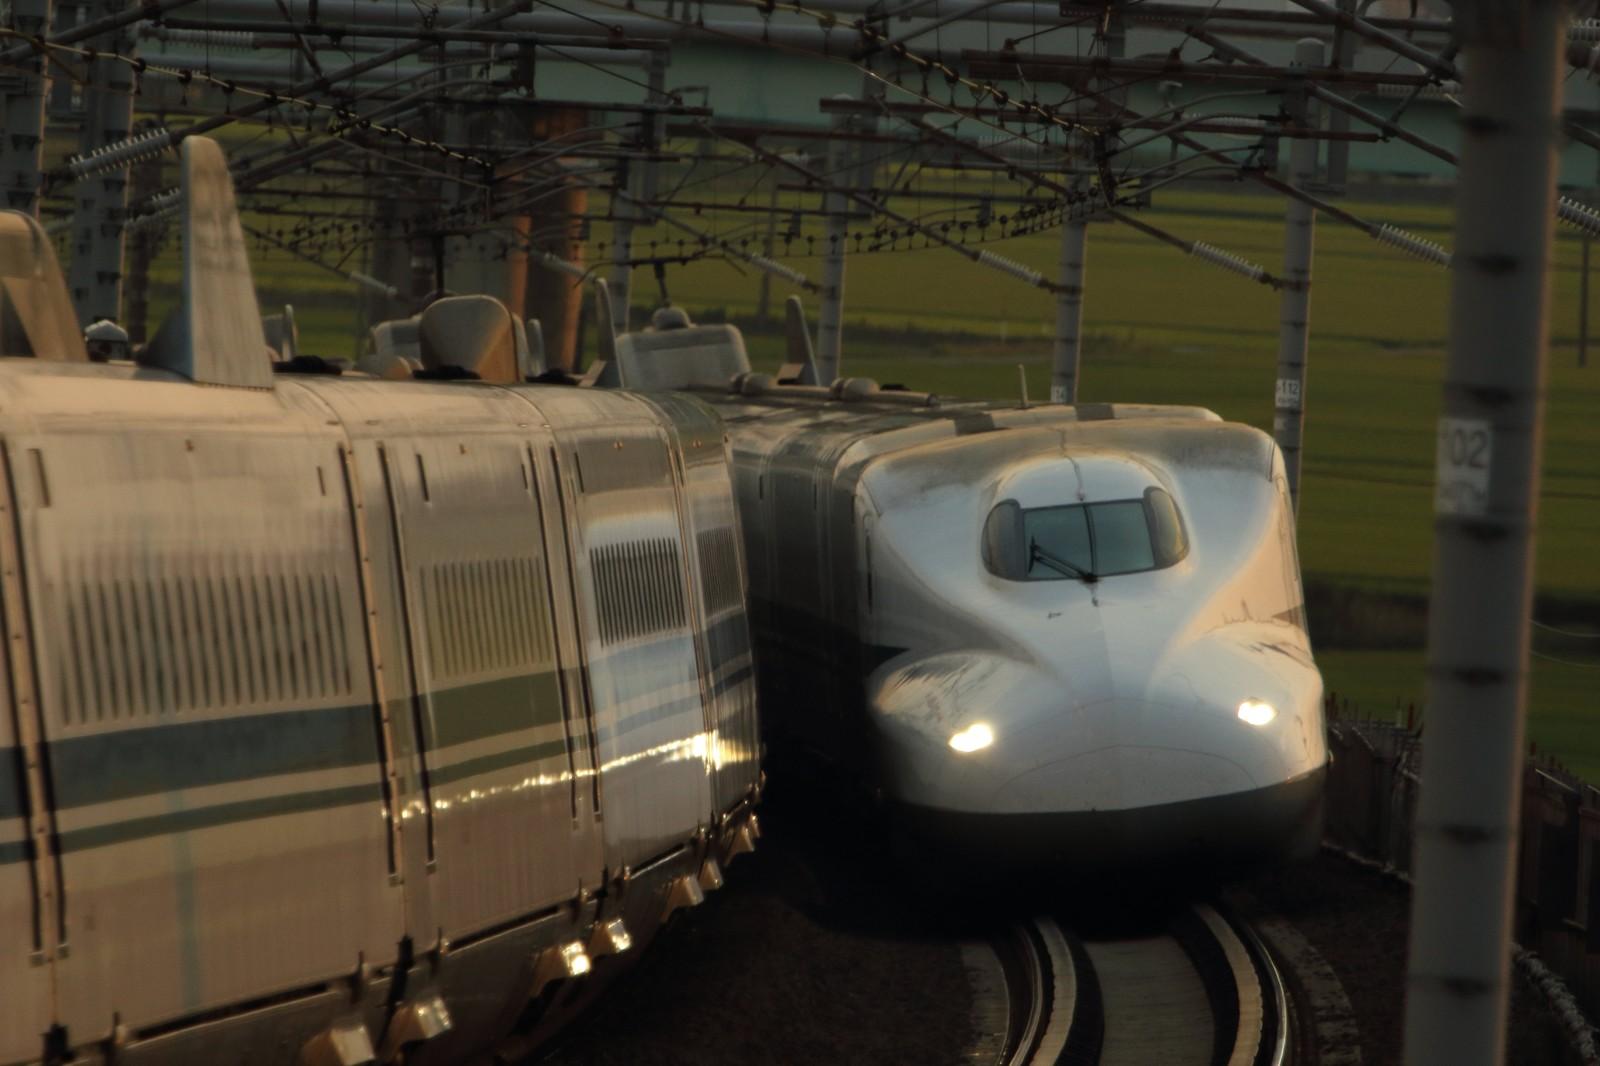 【労働環境の悪化が原因か?】鉄道運転士の居眠り多発!